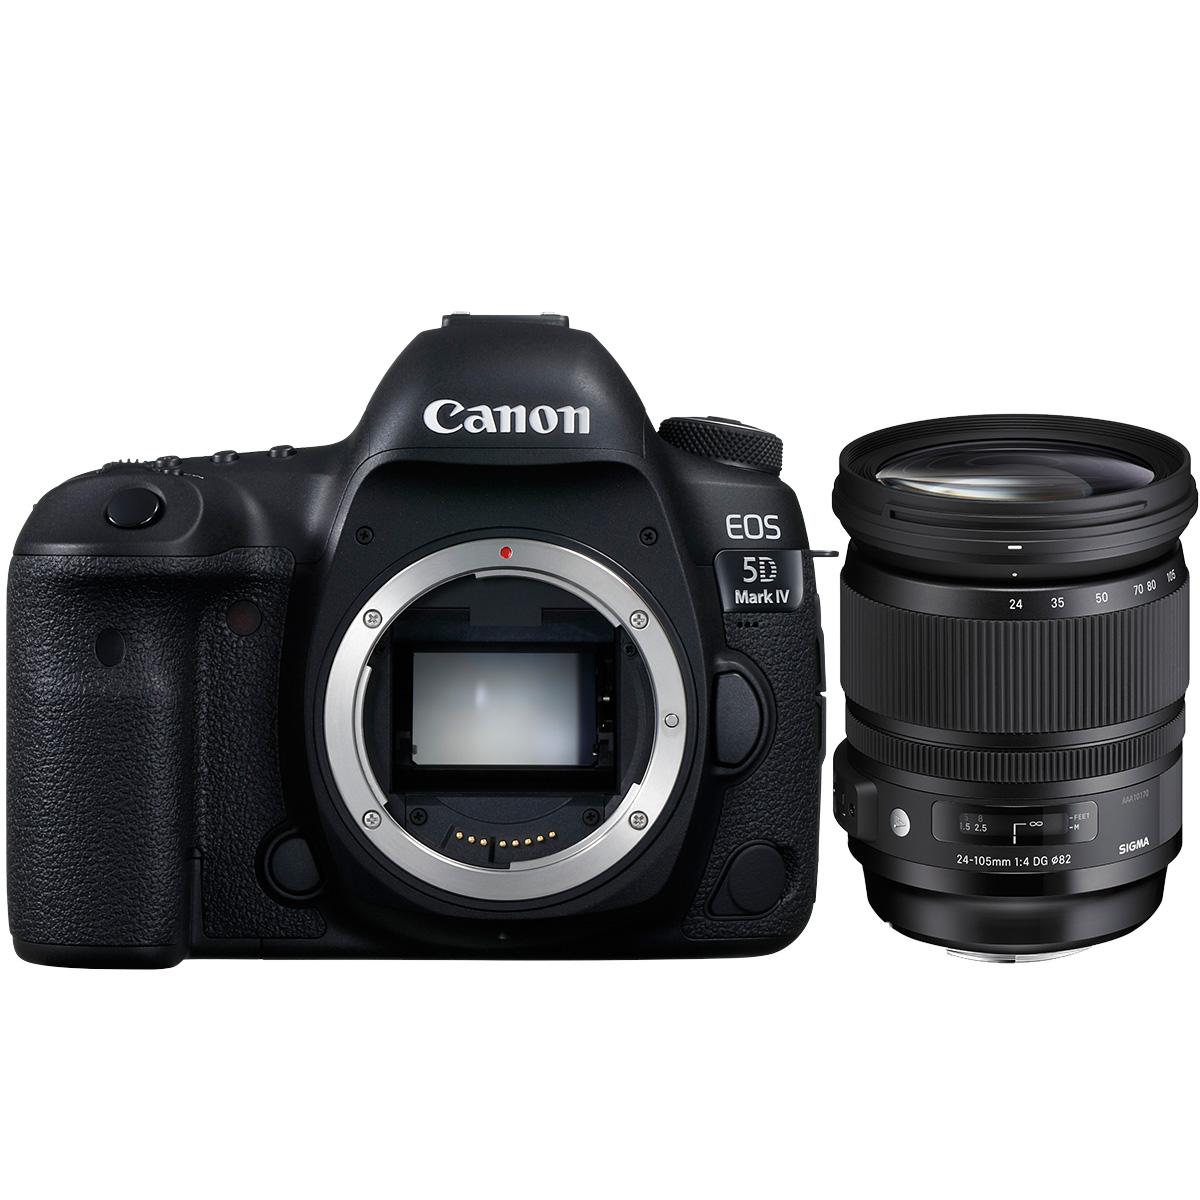 Canon EOS 5D Mark IV + Sigma 24-105mm 1:4,0 DG OS HSM (A)